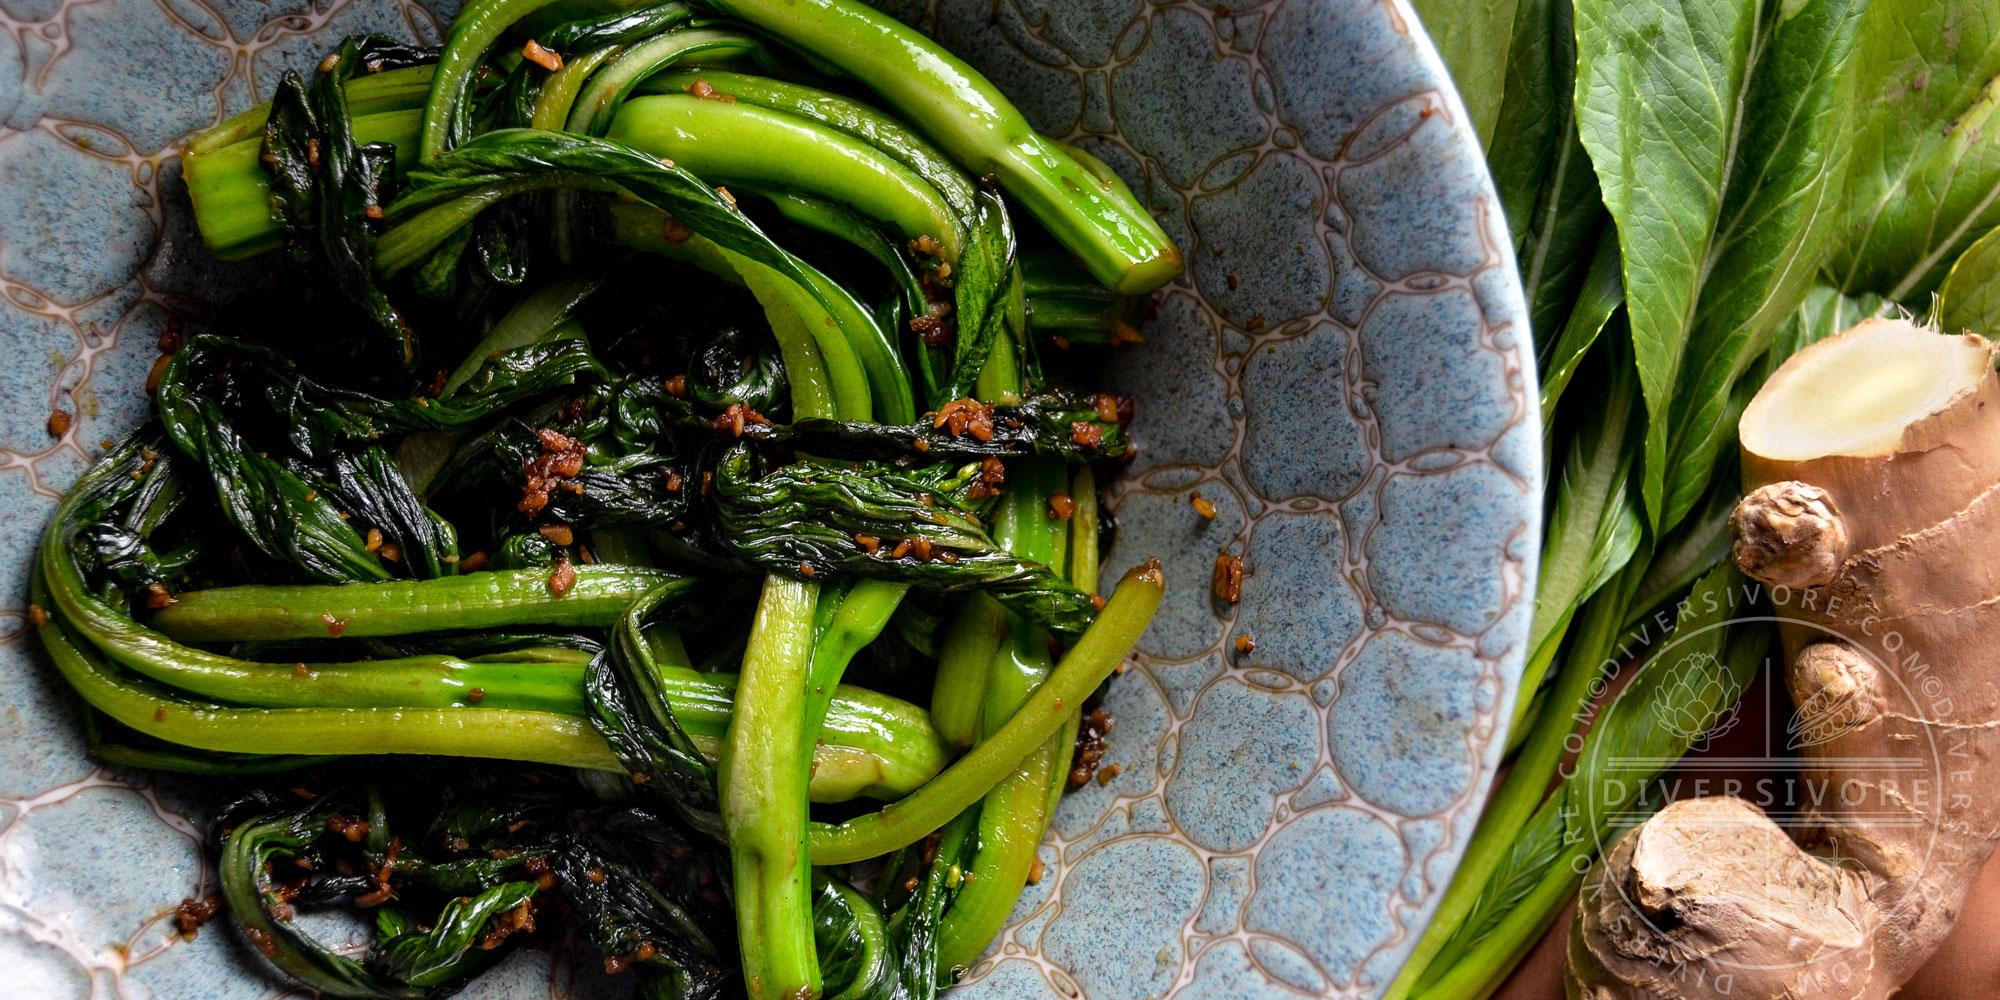 Stir fried yu choy sum with ginger and garlic - Diversivore.com